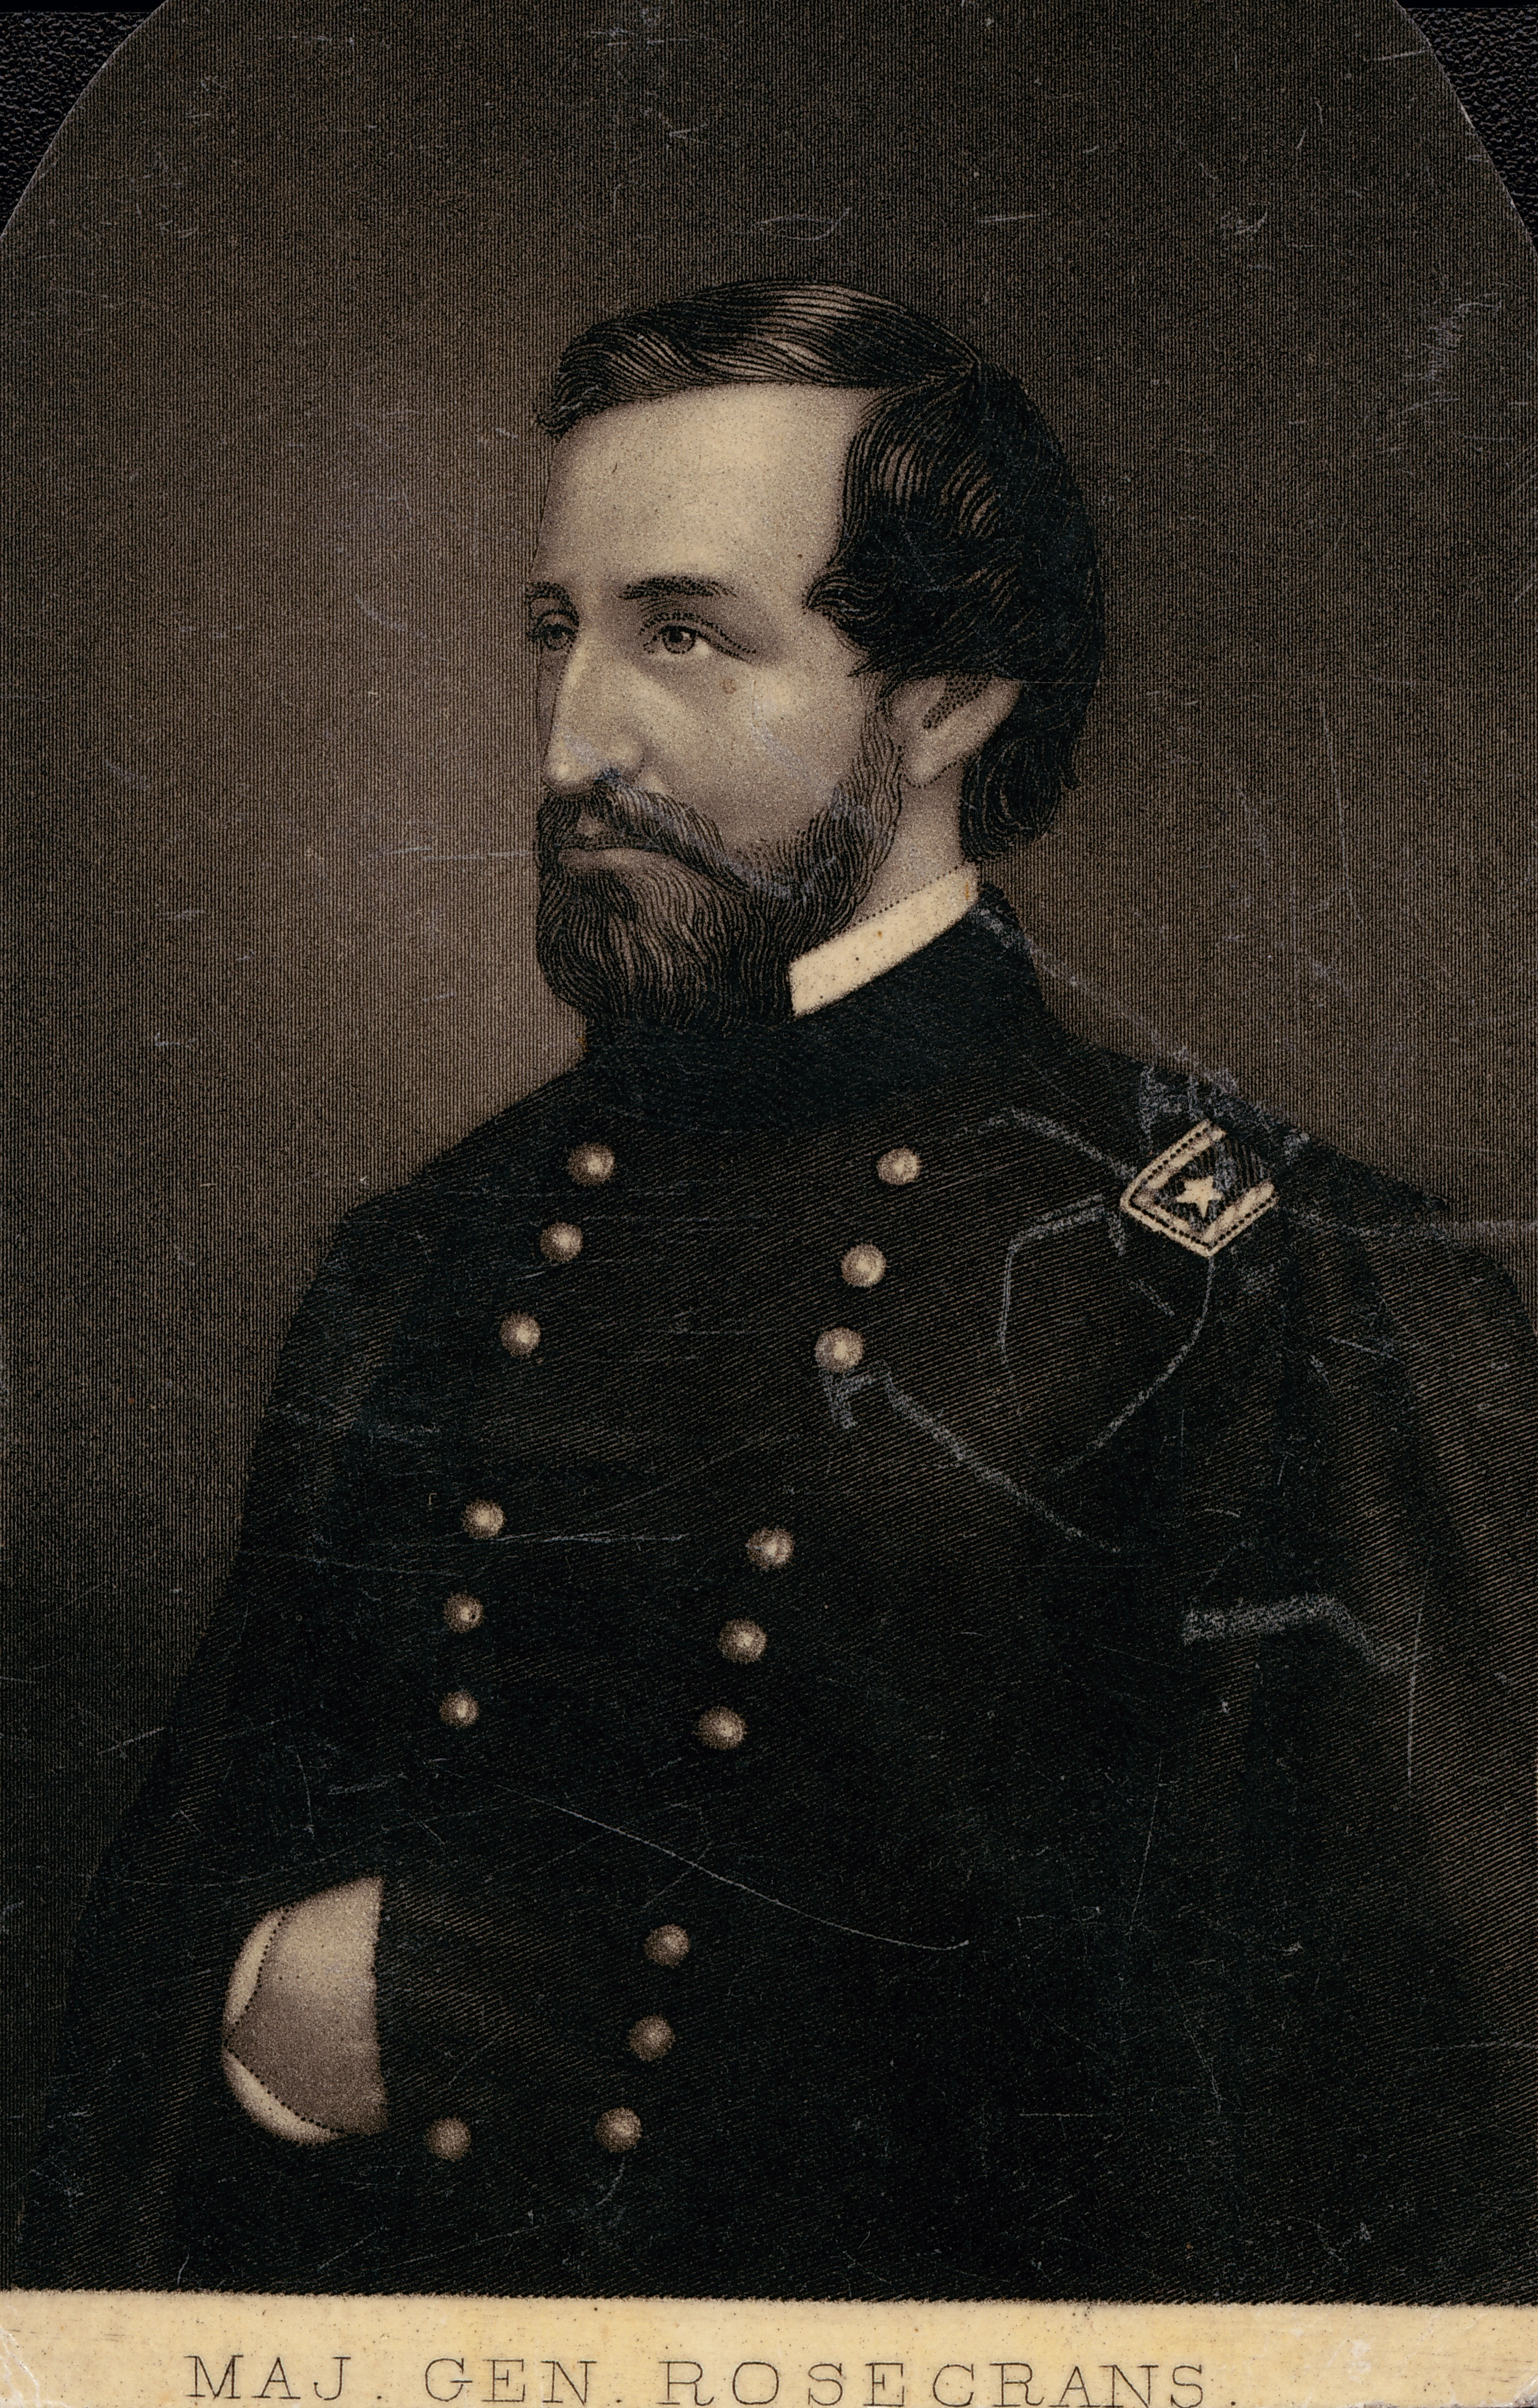 William Rosecrans